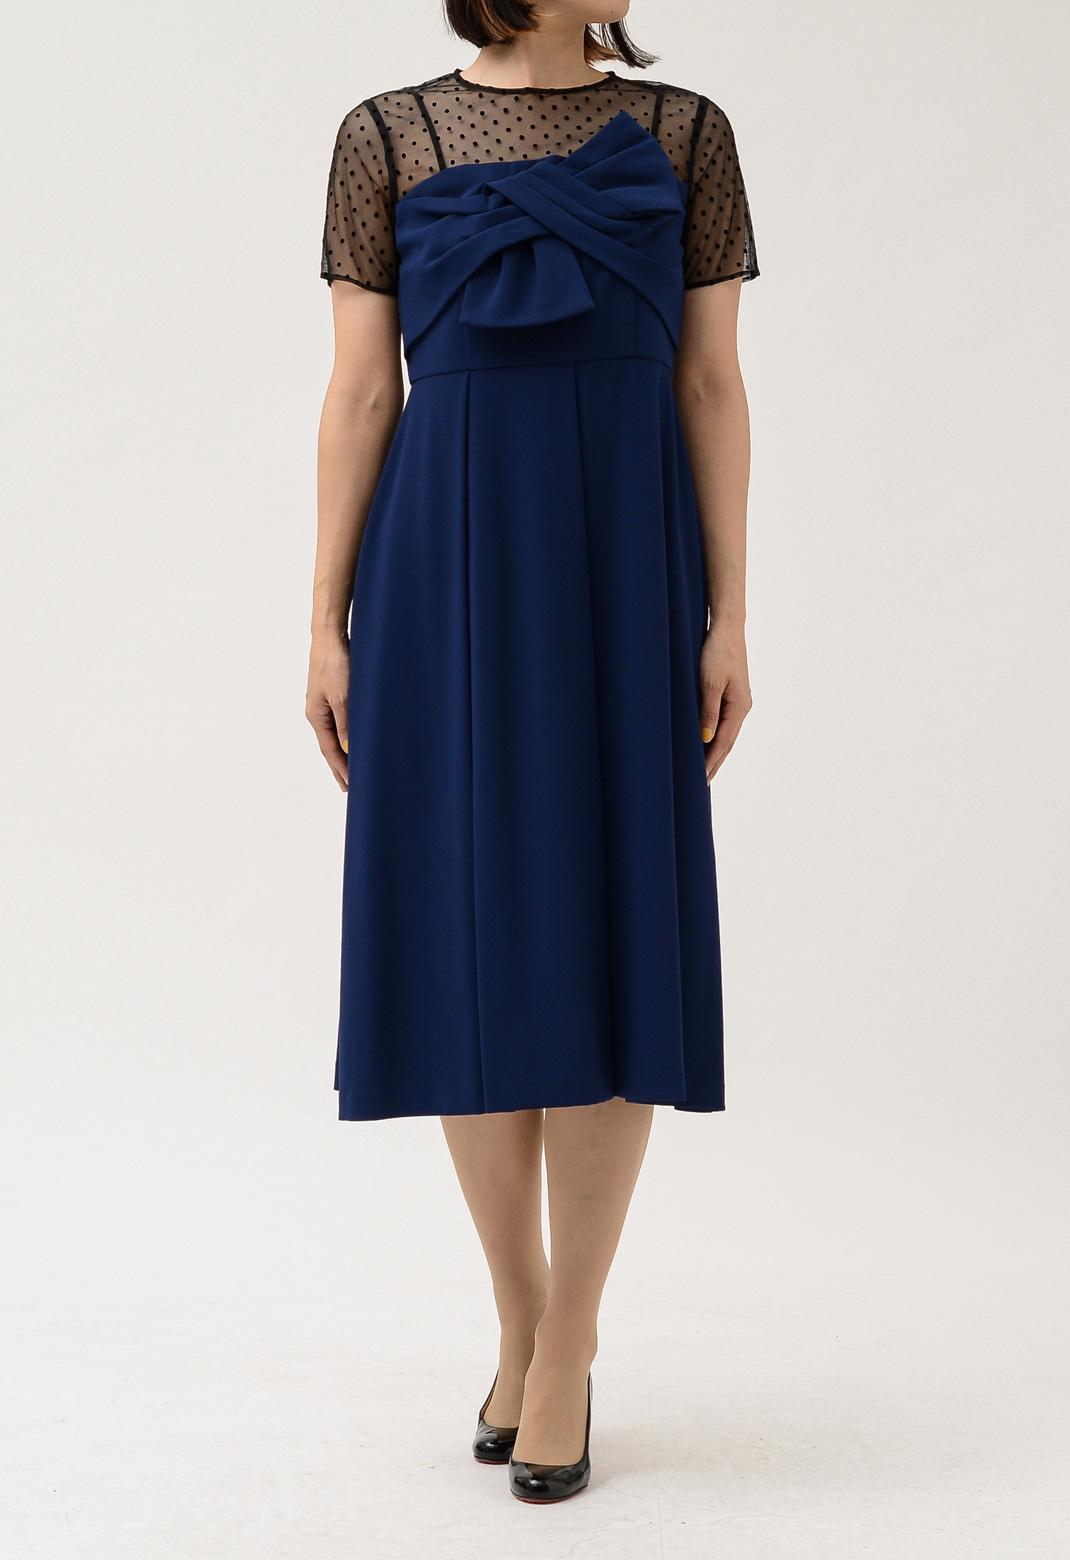 ドットチュール切替 リボン 半袖 ドレス